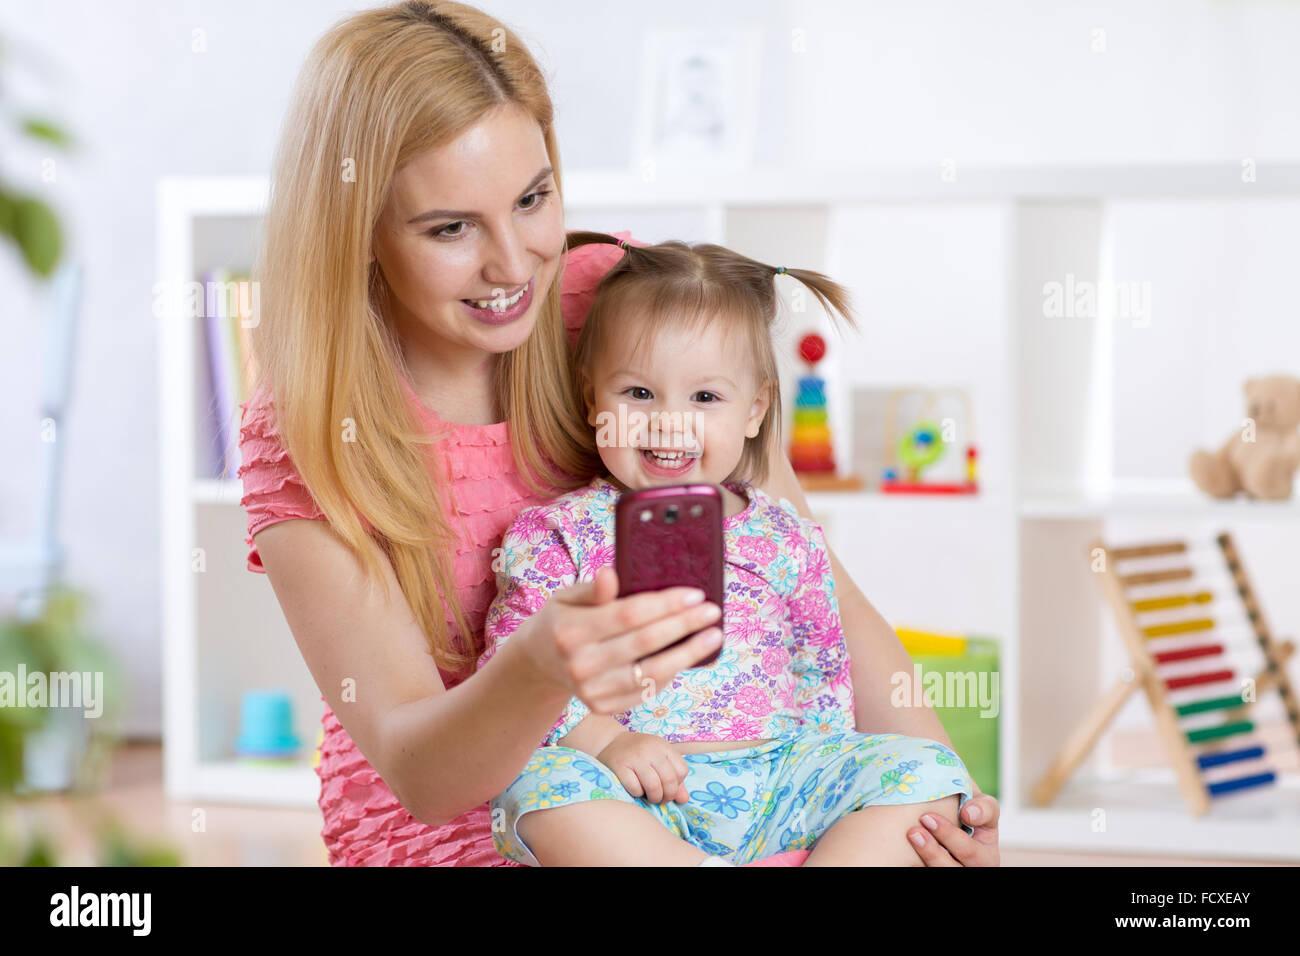 La madre e il suo bambino ragazza tenendo selfie su una coperta in nursery room Immagini Stock